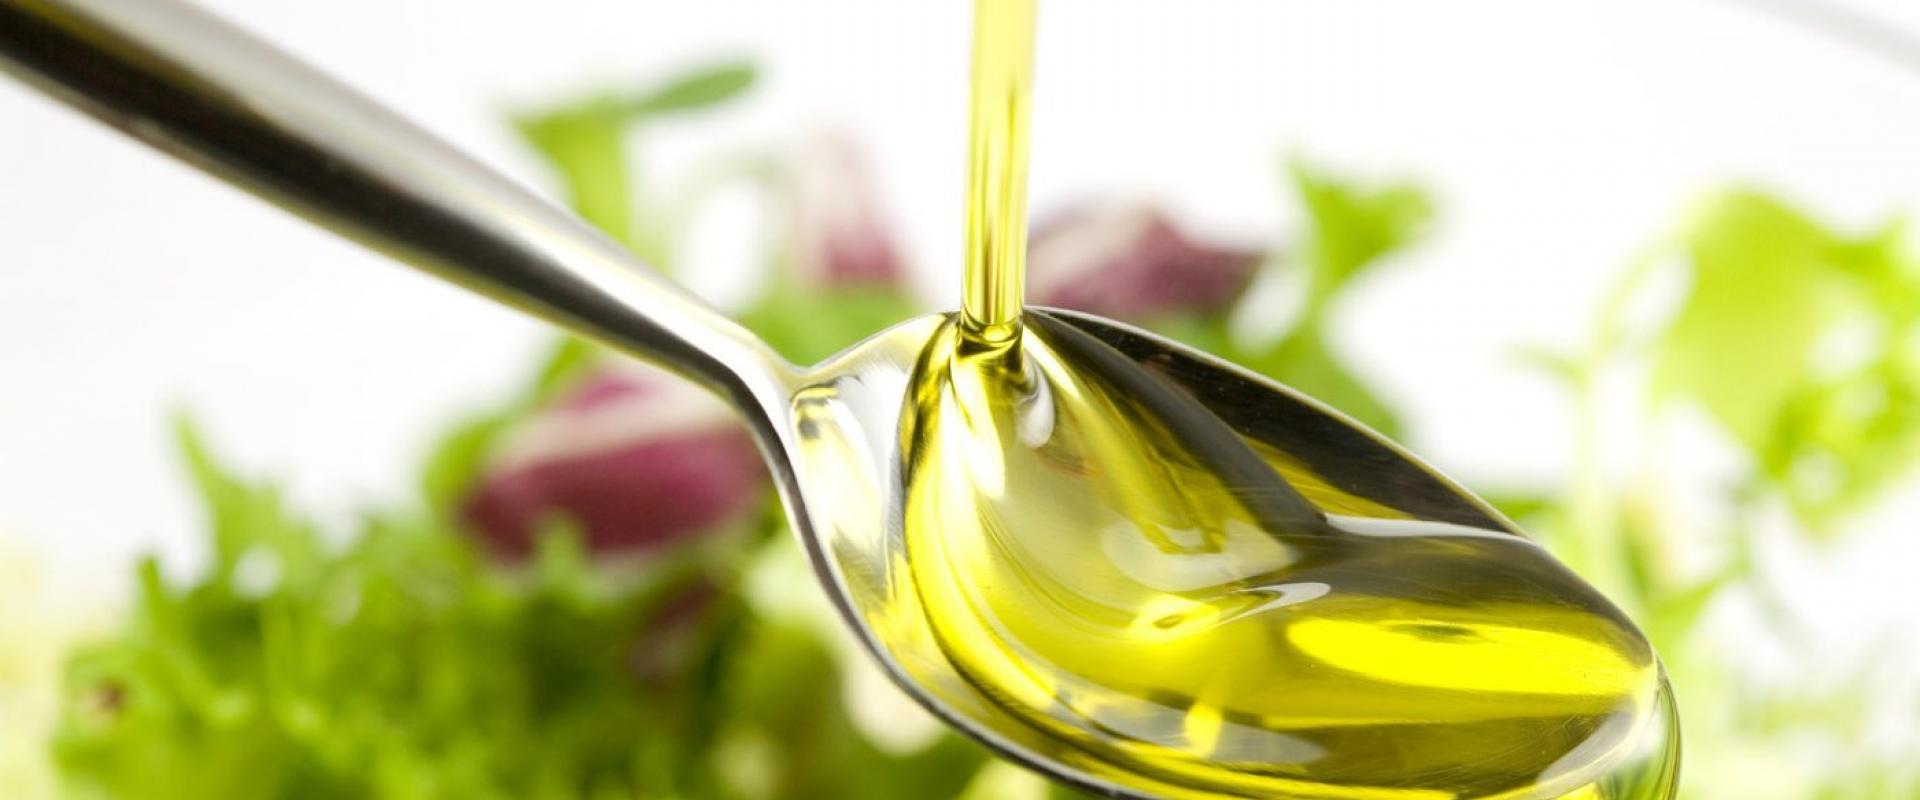 tasting oil in tuscany